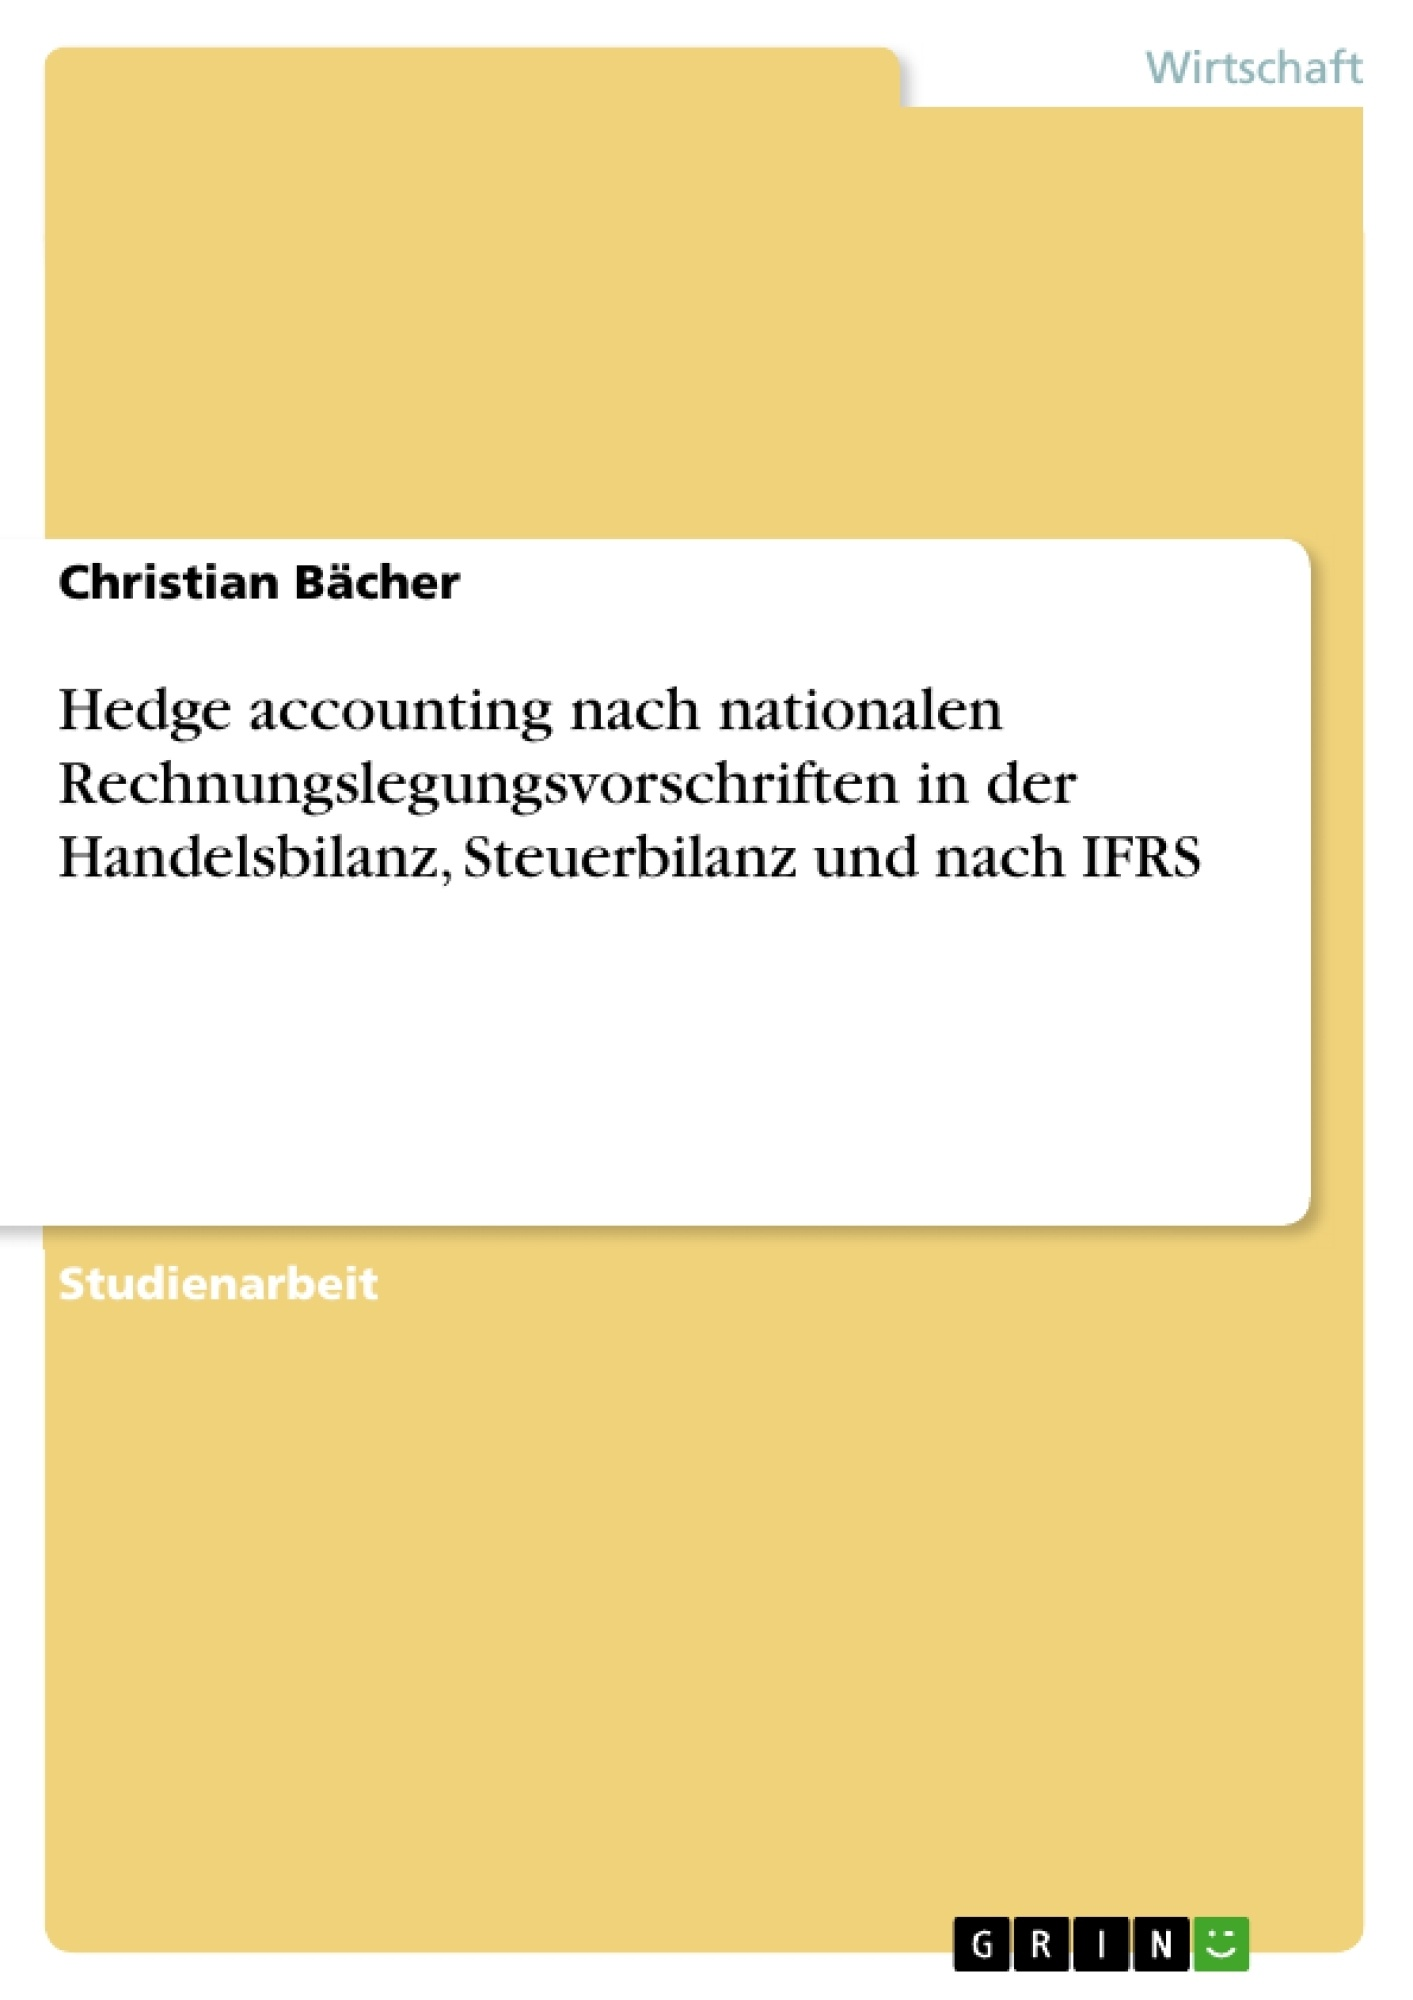 Titel: Hedge accounting nach nationalen Rechnungslegungsvorschriften in der Handelsbilanz, Steuerbilanz und nach IFRS